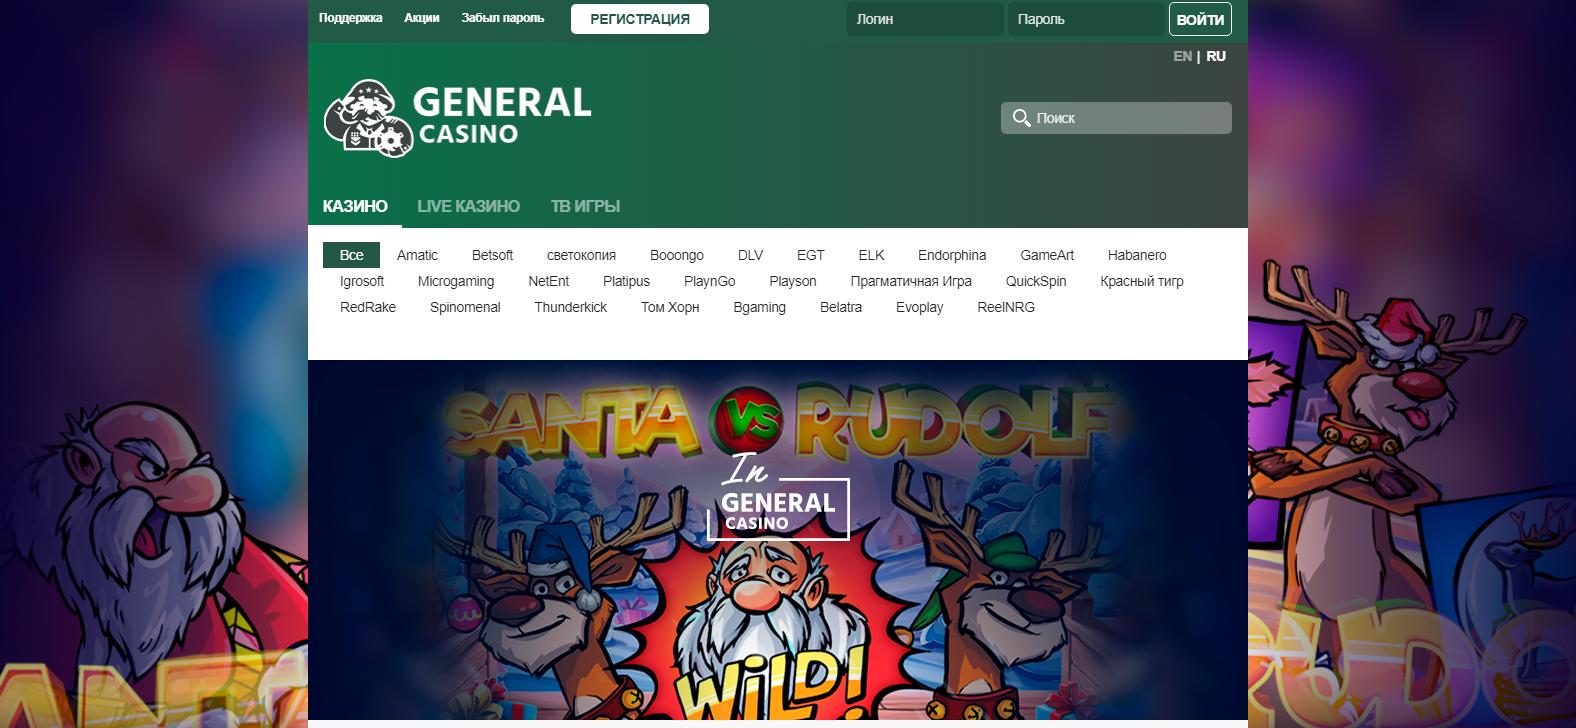 Краткая информация о казино General